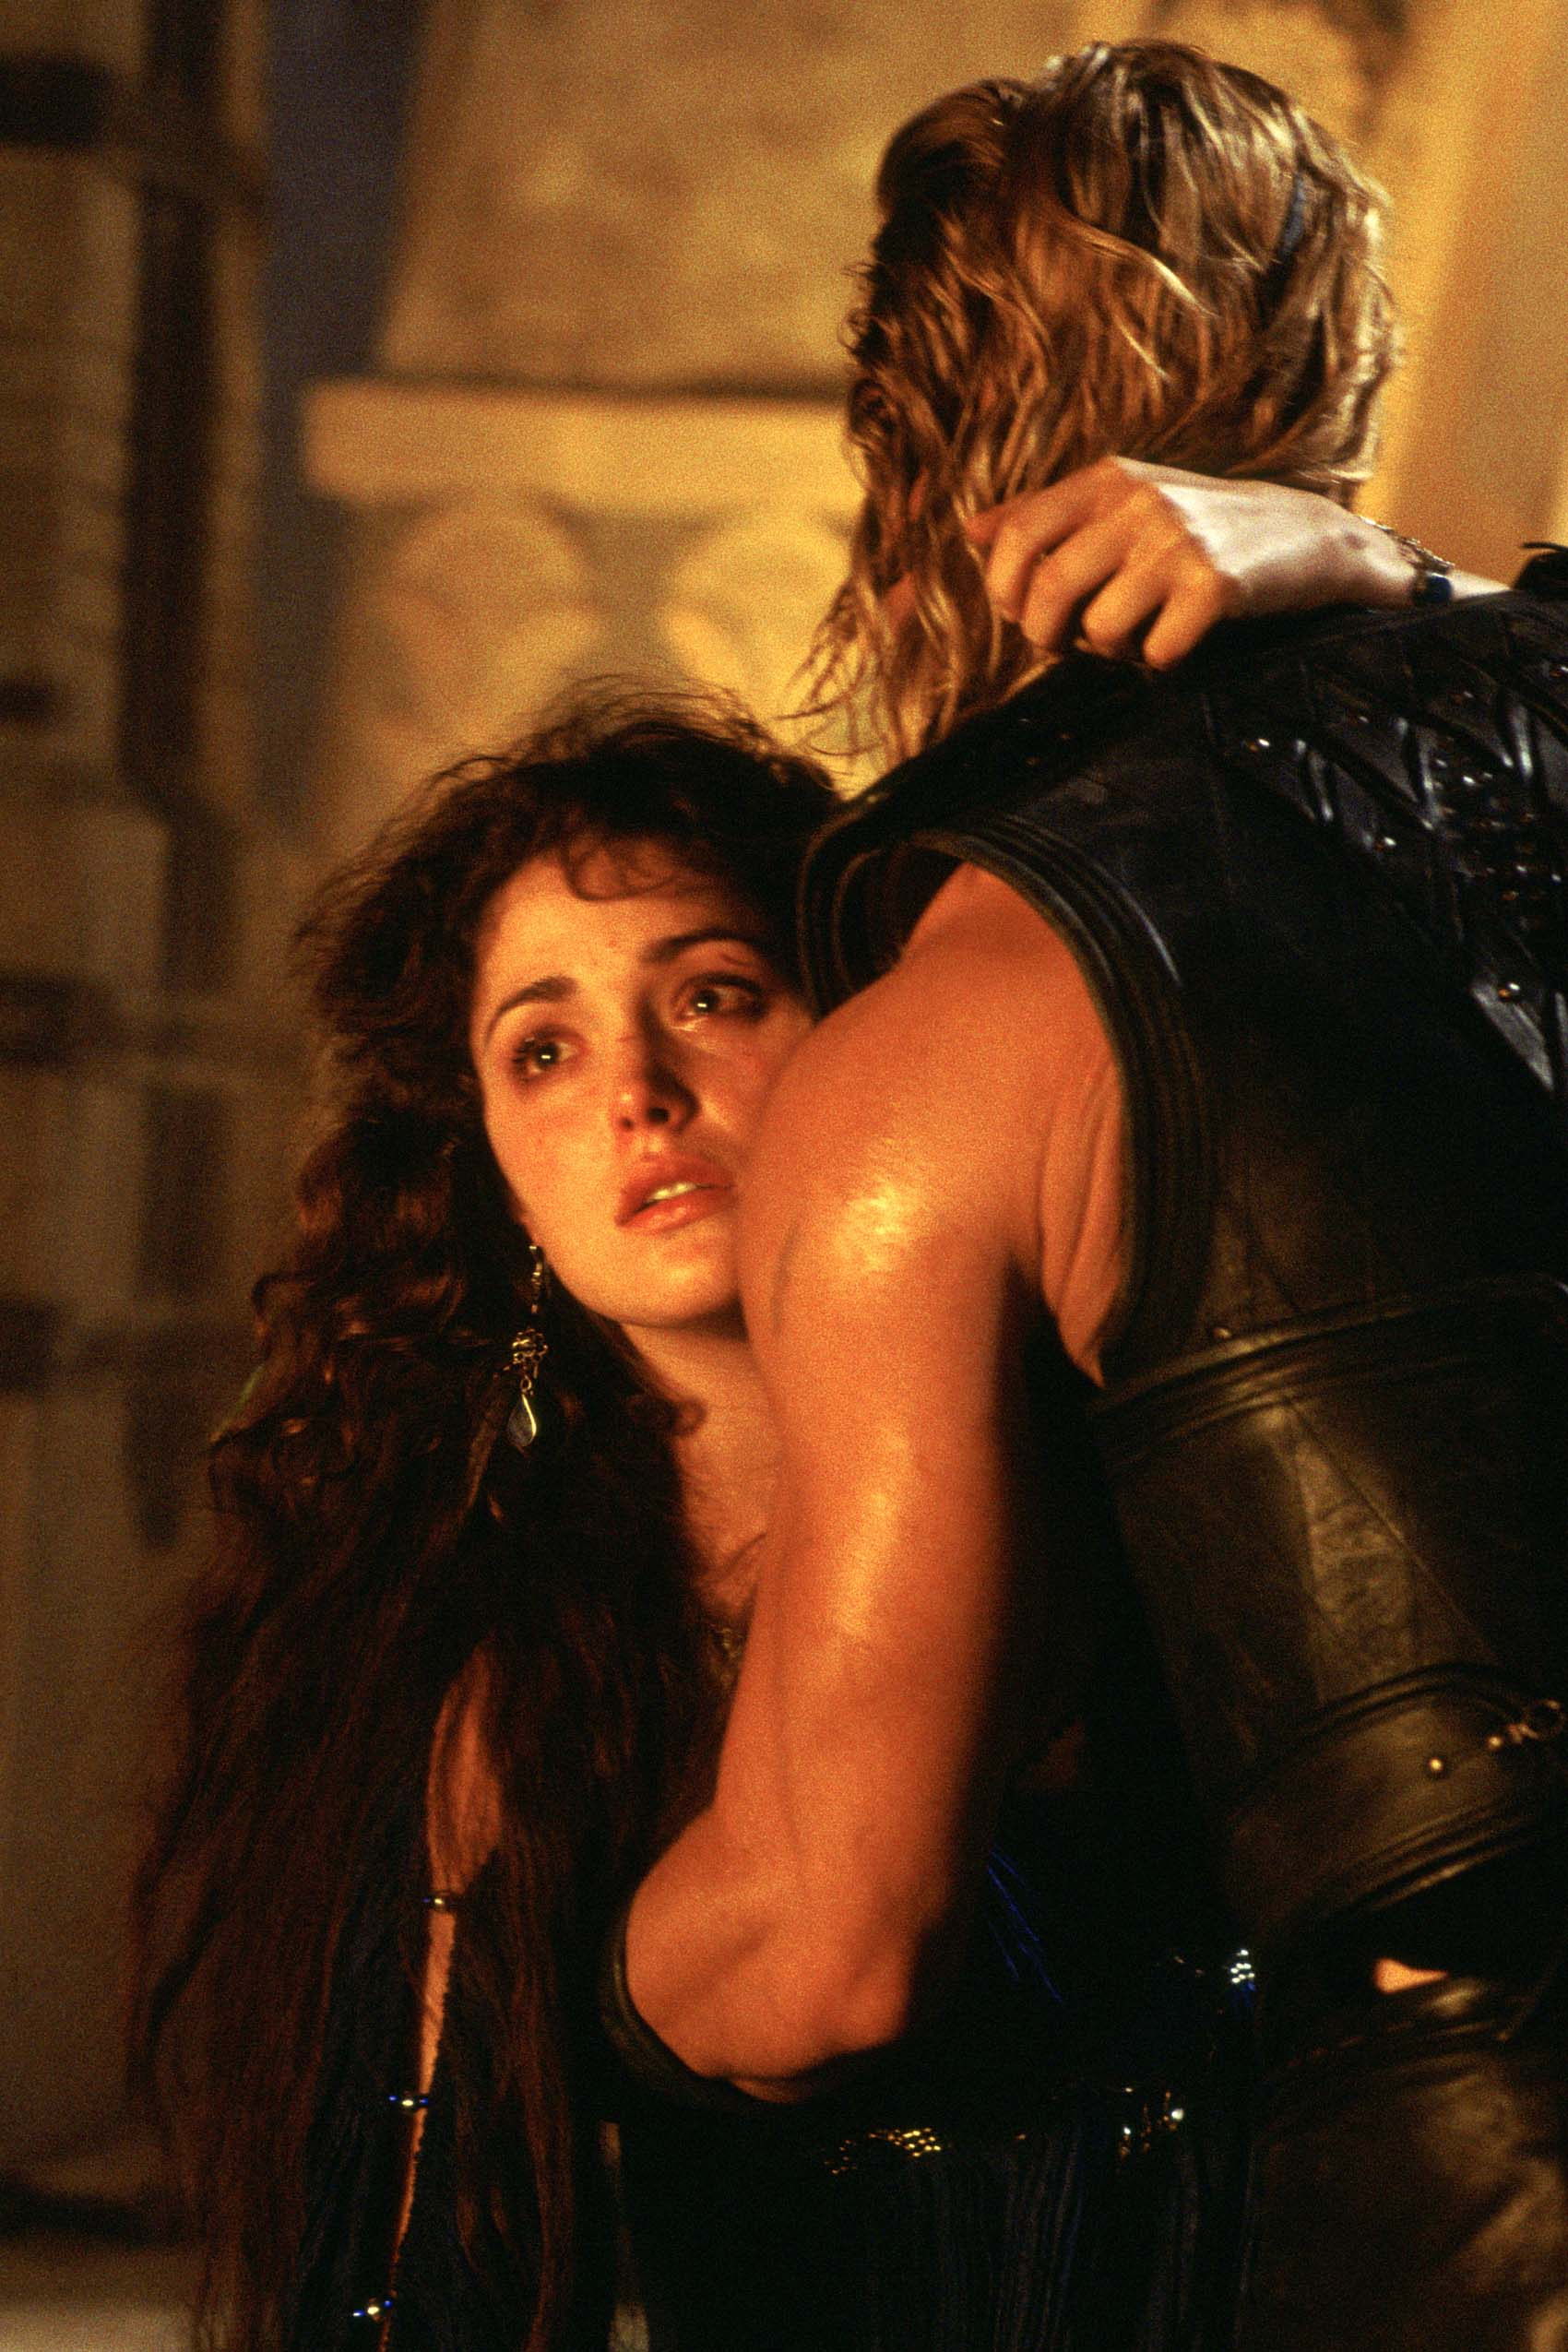 ROSE BYRNE in Troy HD Movie Scenes